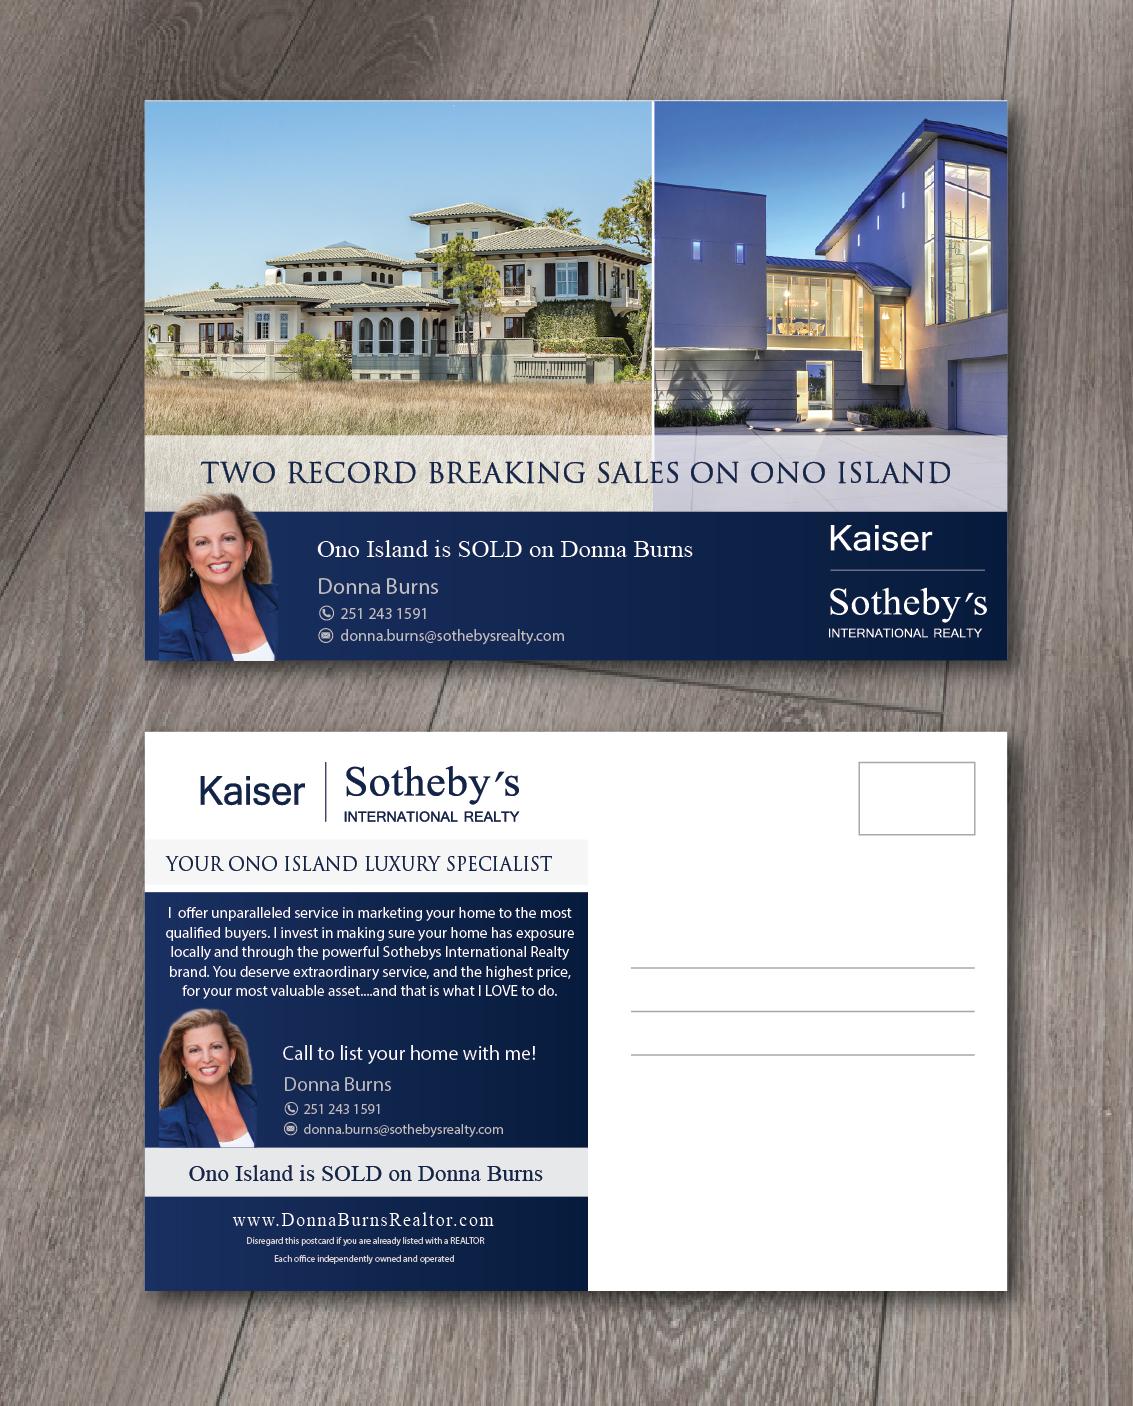 Upmarket Property Development Brochures : Elegant upmarket postcard design for donna burns by